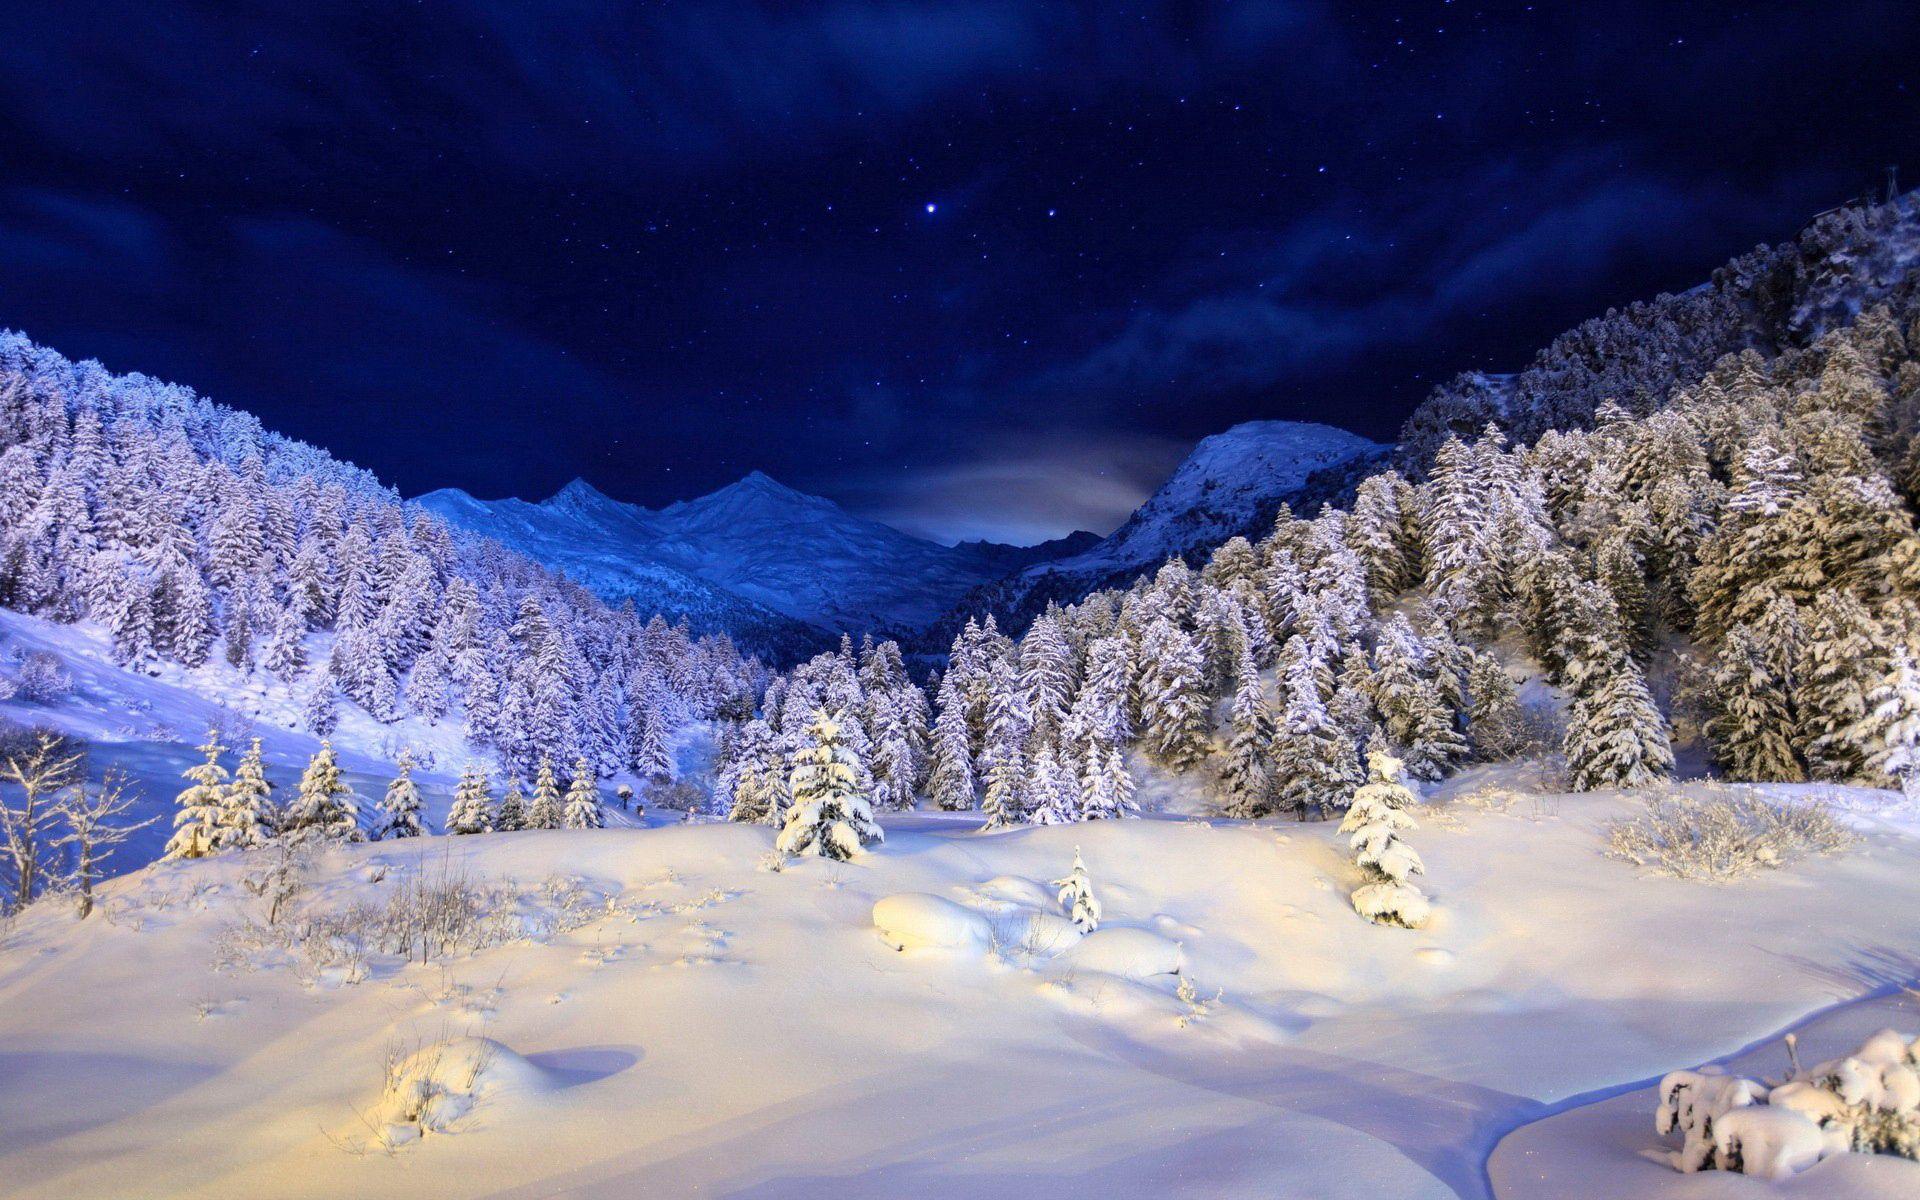 130994 скачать обои Снег, Зима, Природа, Деревья, Звезды, Ночь, Хвойные, Свет, Синий, Белый, Покров - заставки и картинки бесплатно